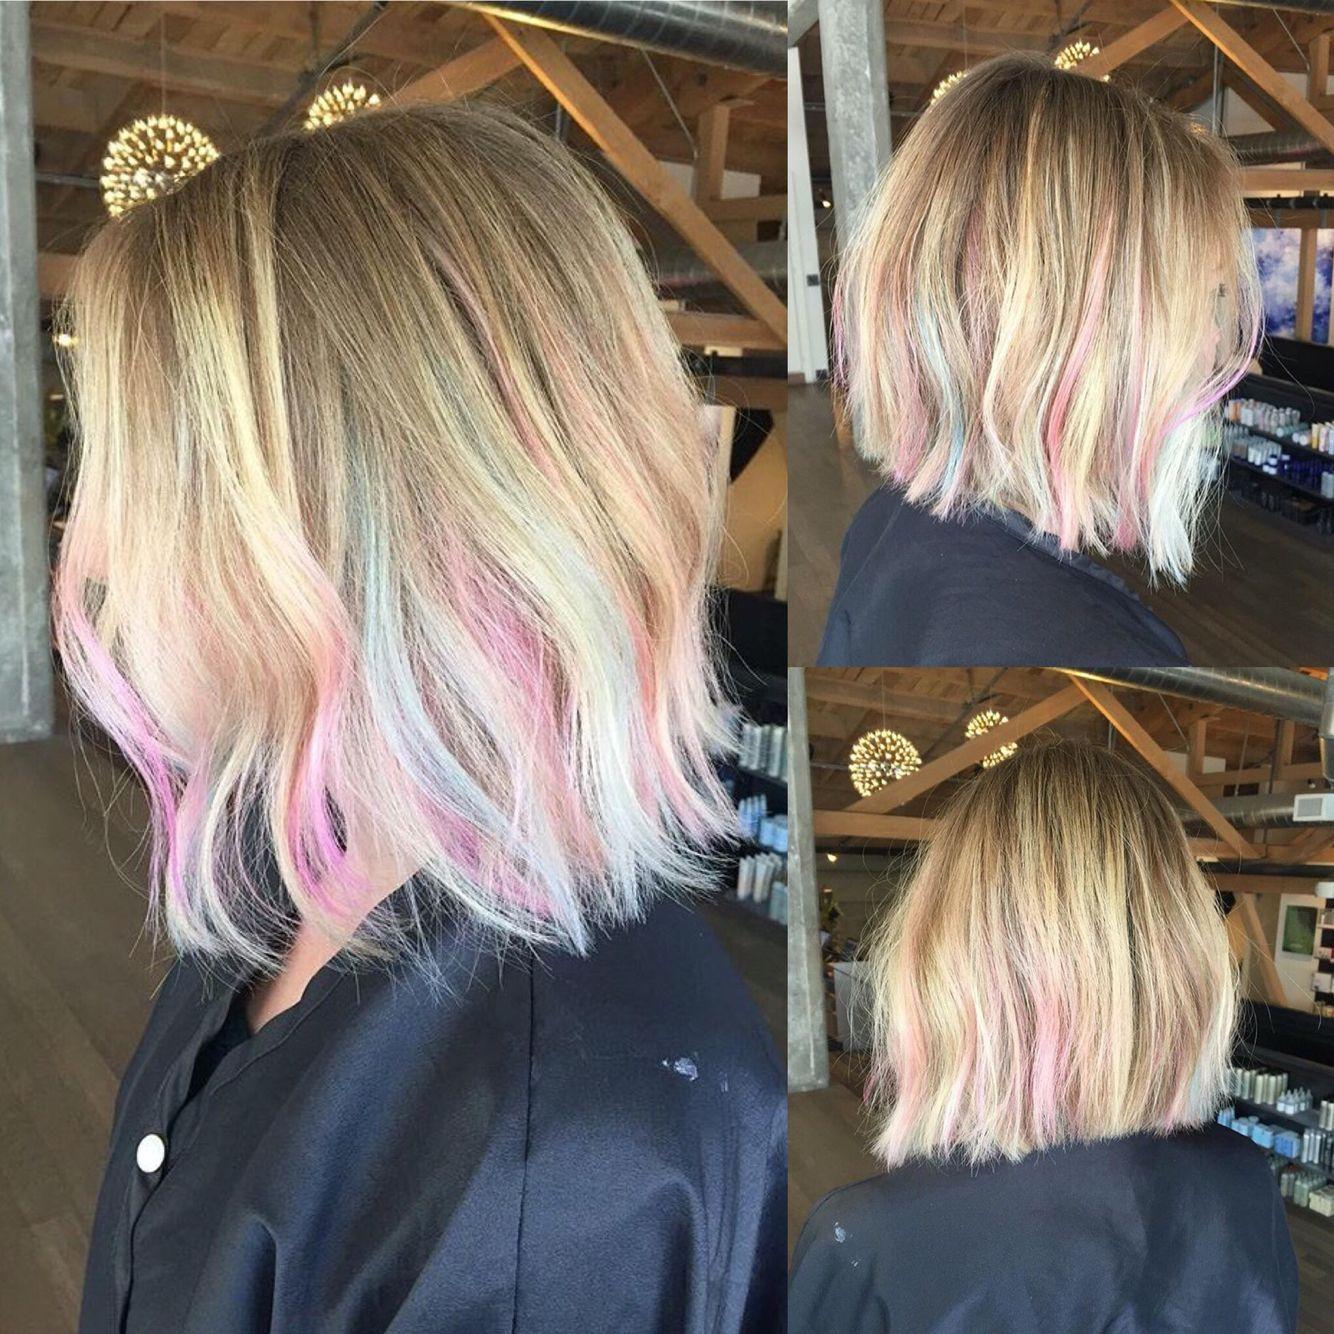 Hair Highlights Blonde Blue 28 Ideas Hair Highlights Blonde And Blue Hair Blue Tips Hair